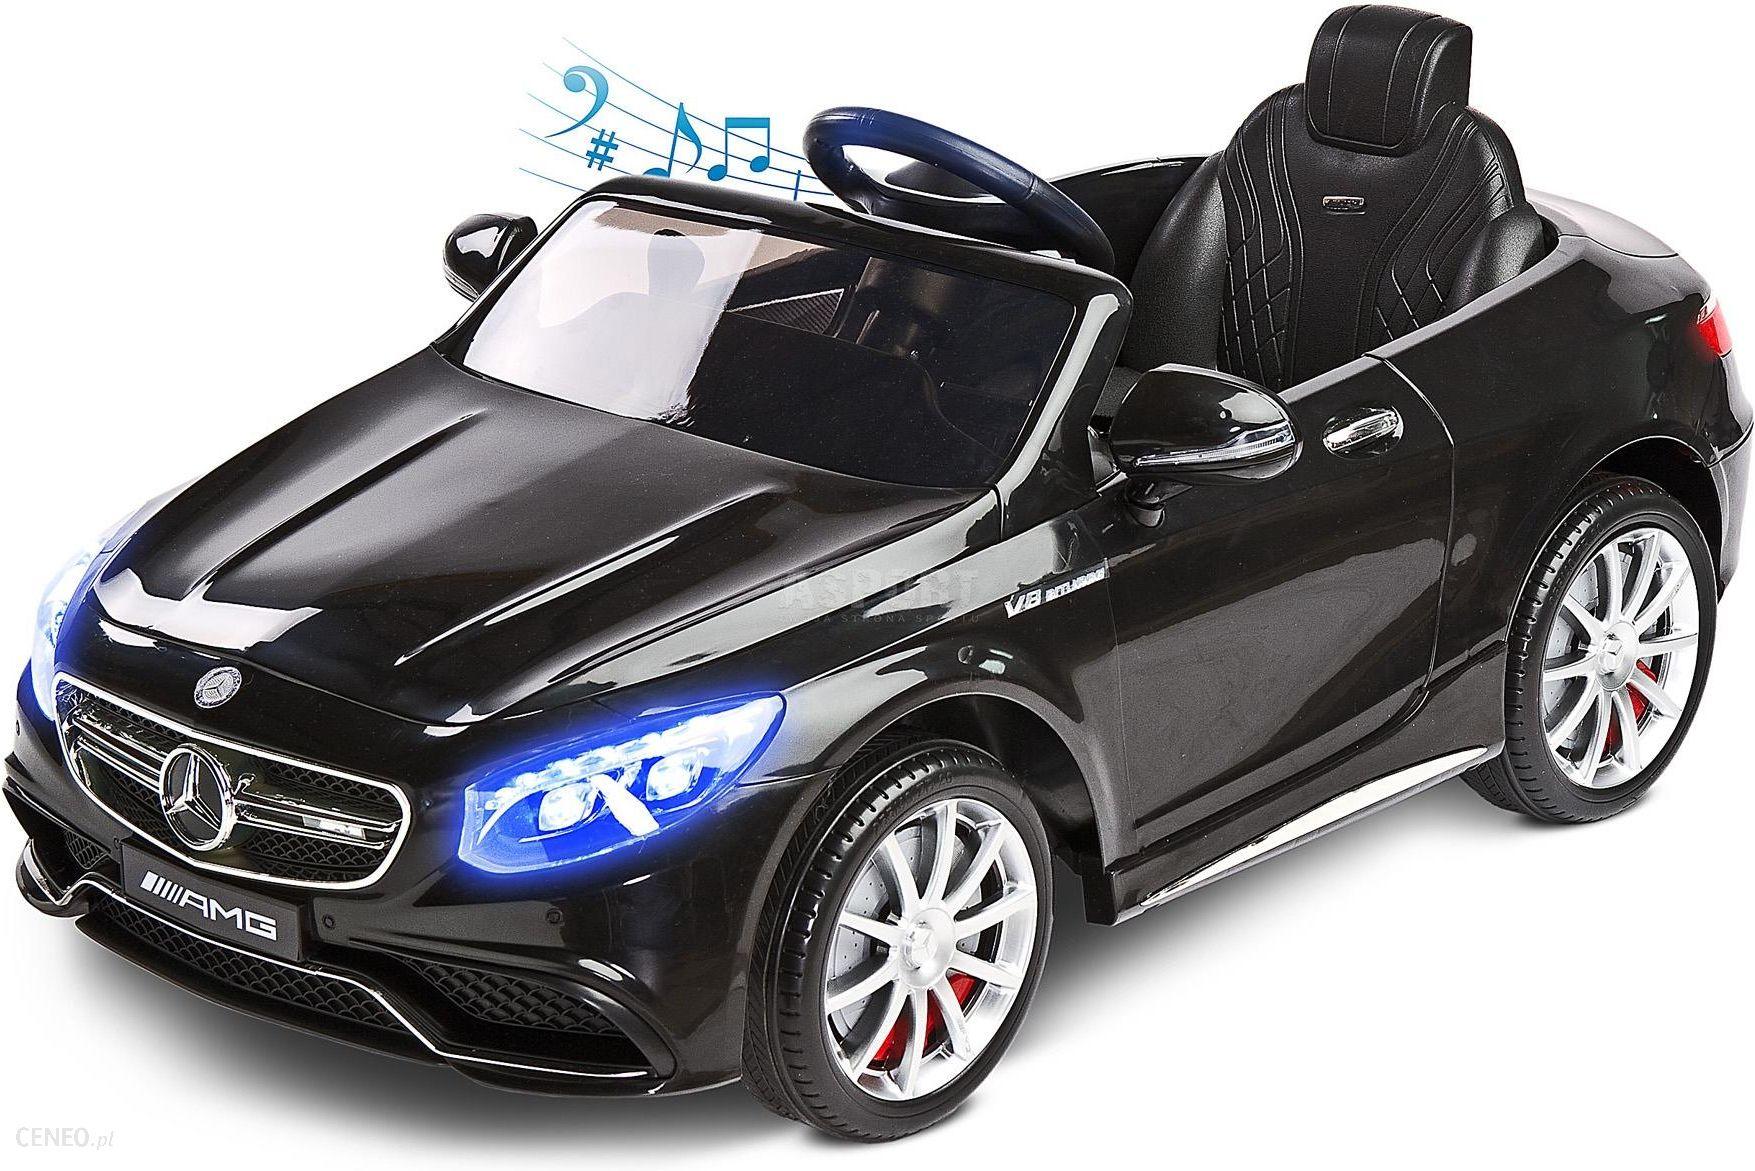 Toyz Pojazd Akumulatorowy Mercedes Benz S63 Amg 8F D4 zdjęcie 1